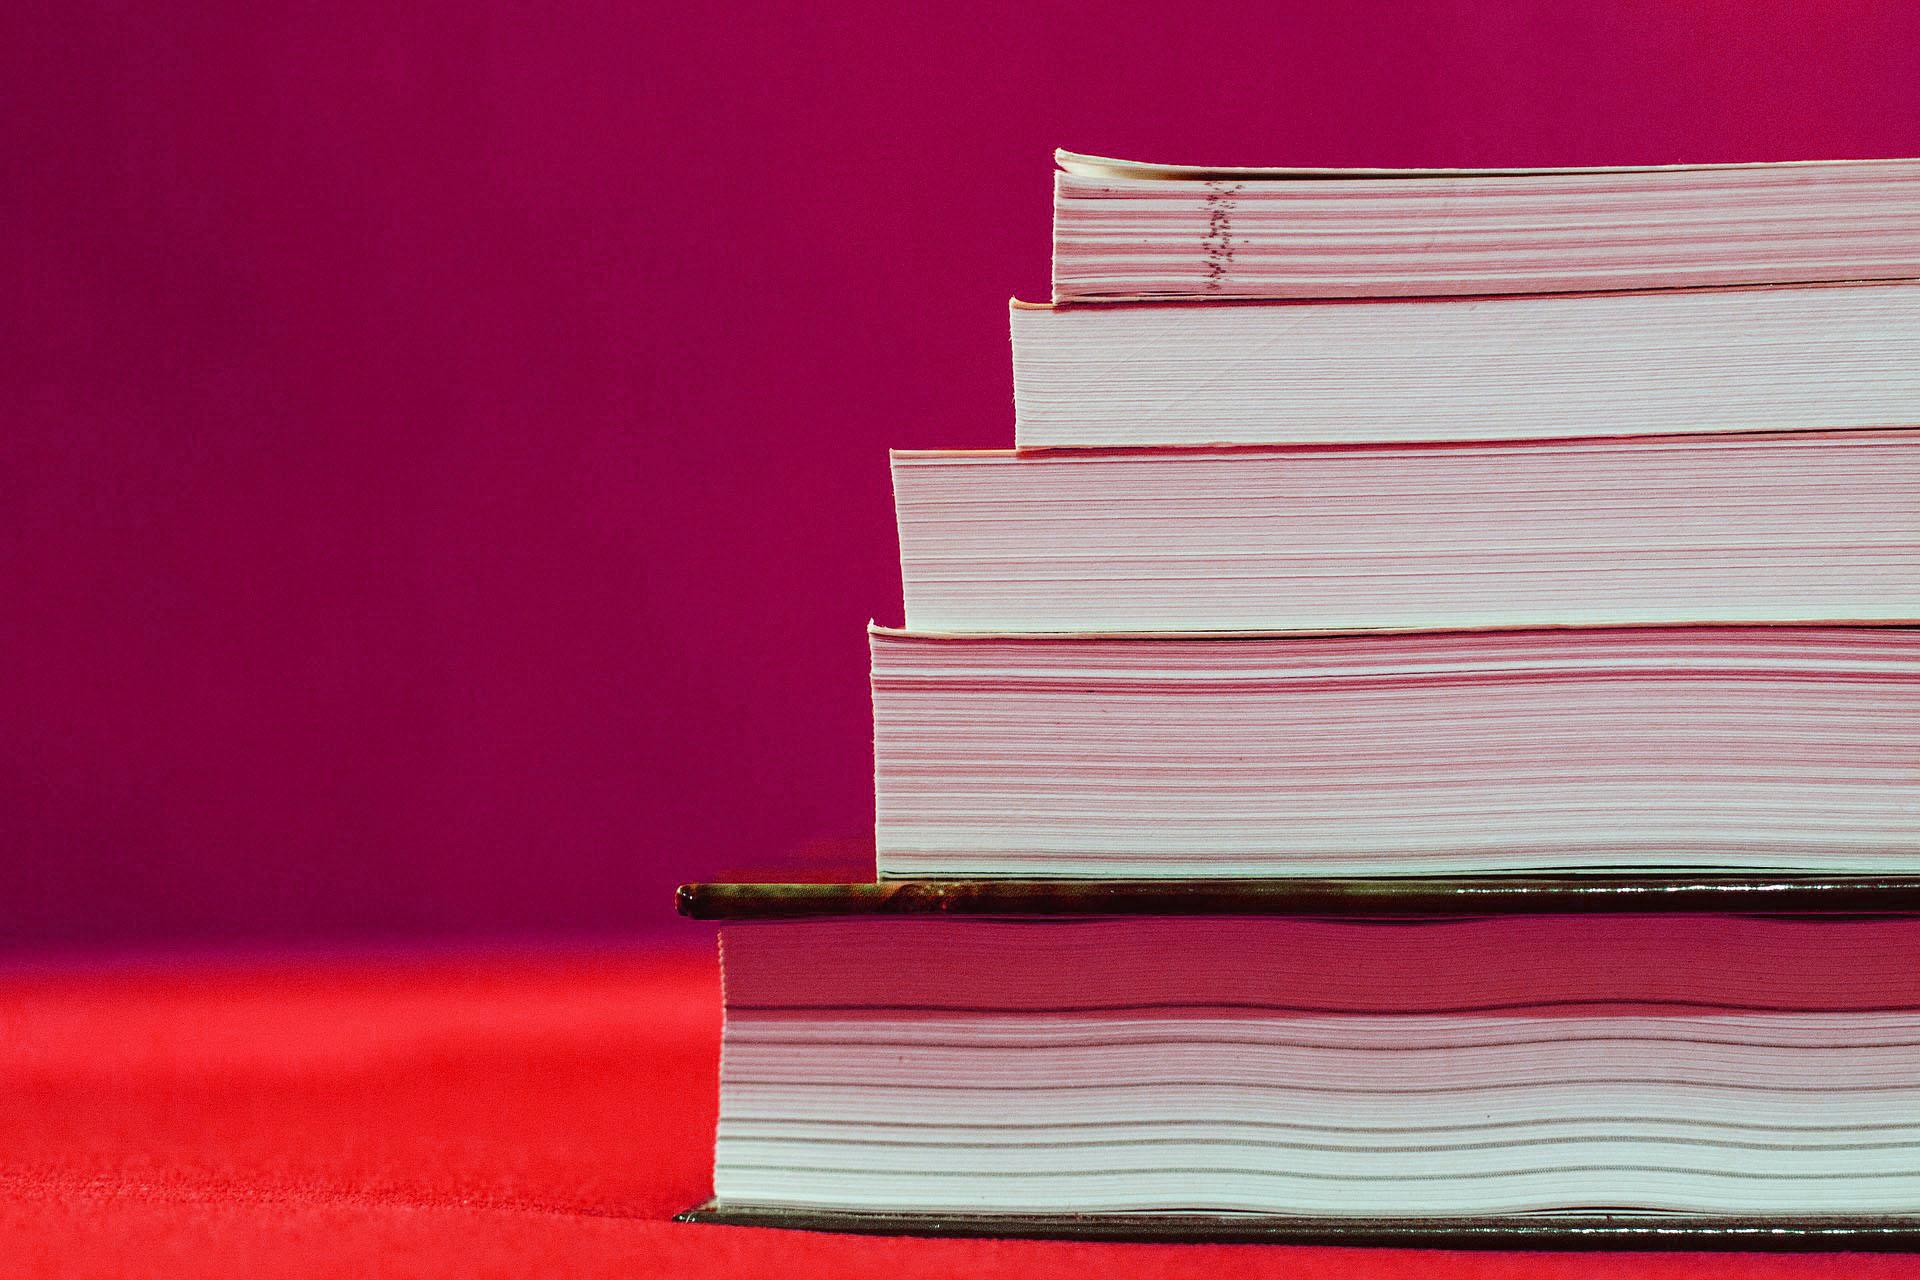 books-933333_1920 copie 2.jpg